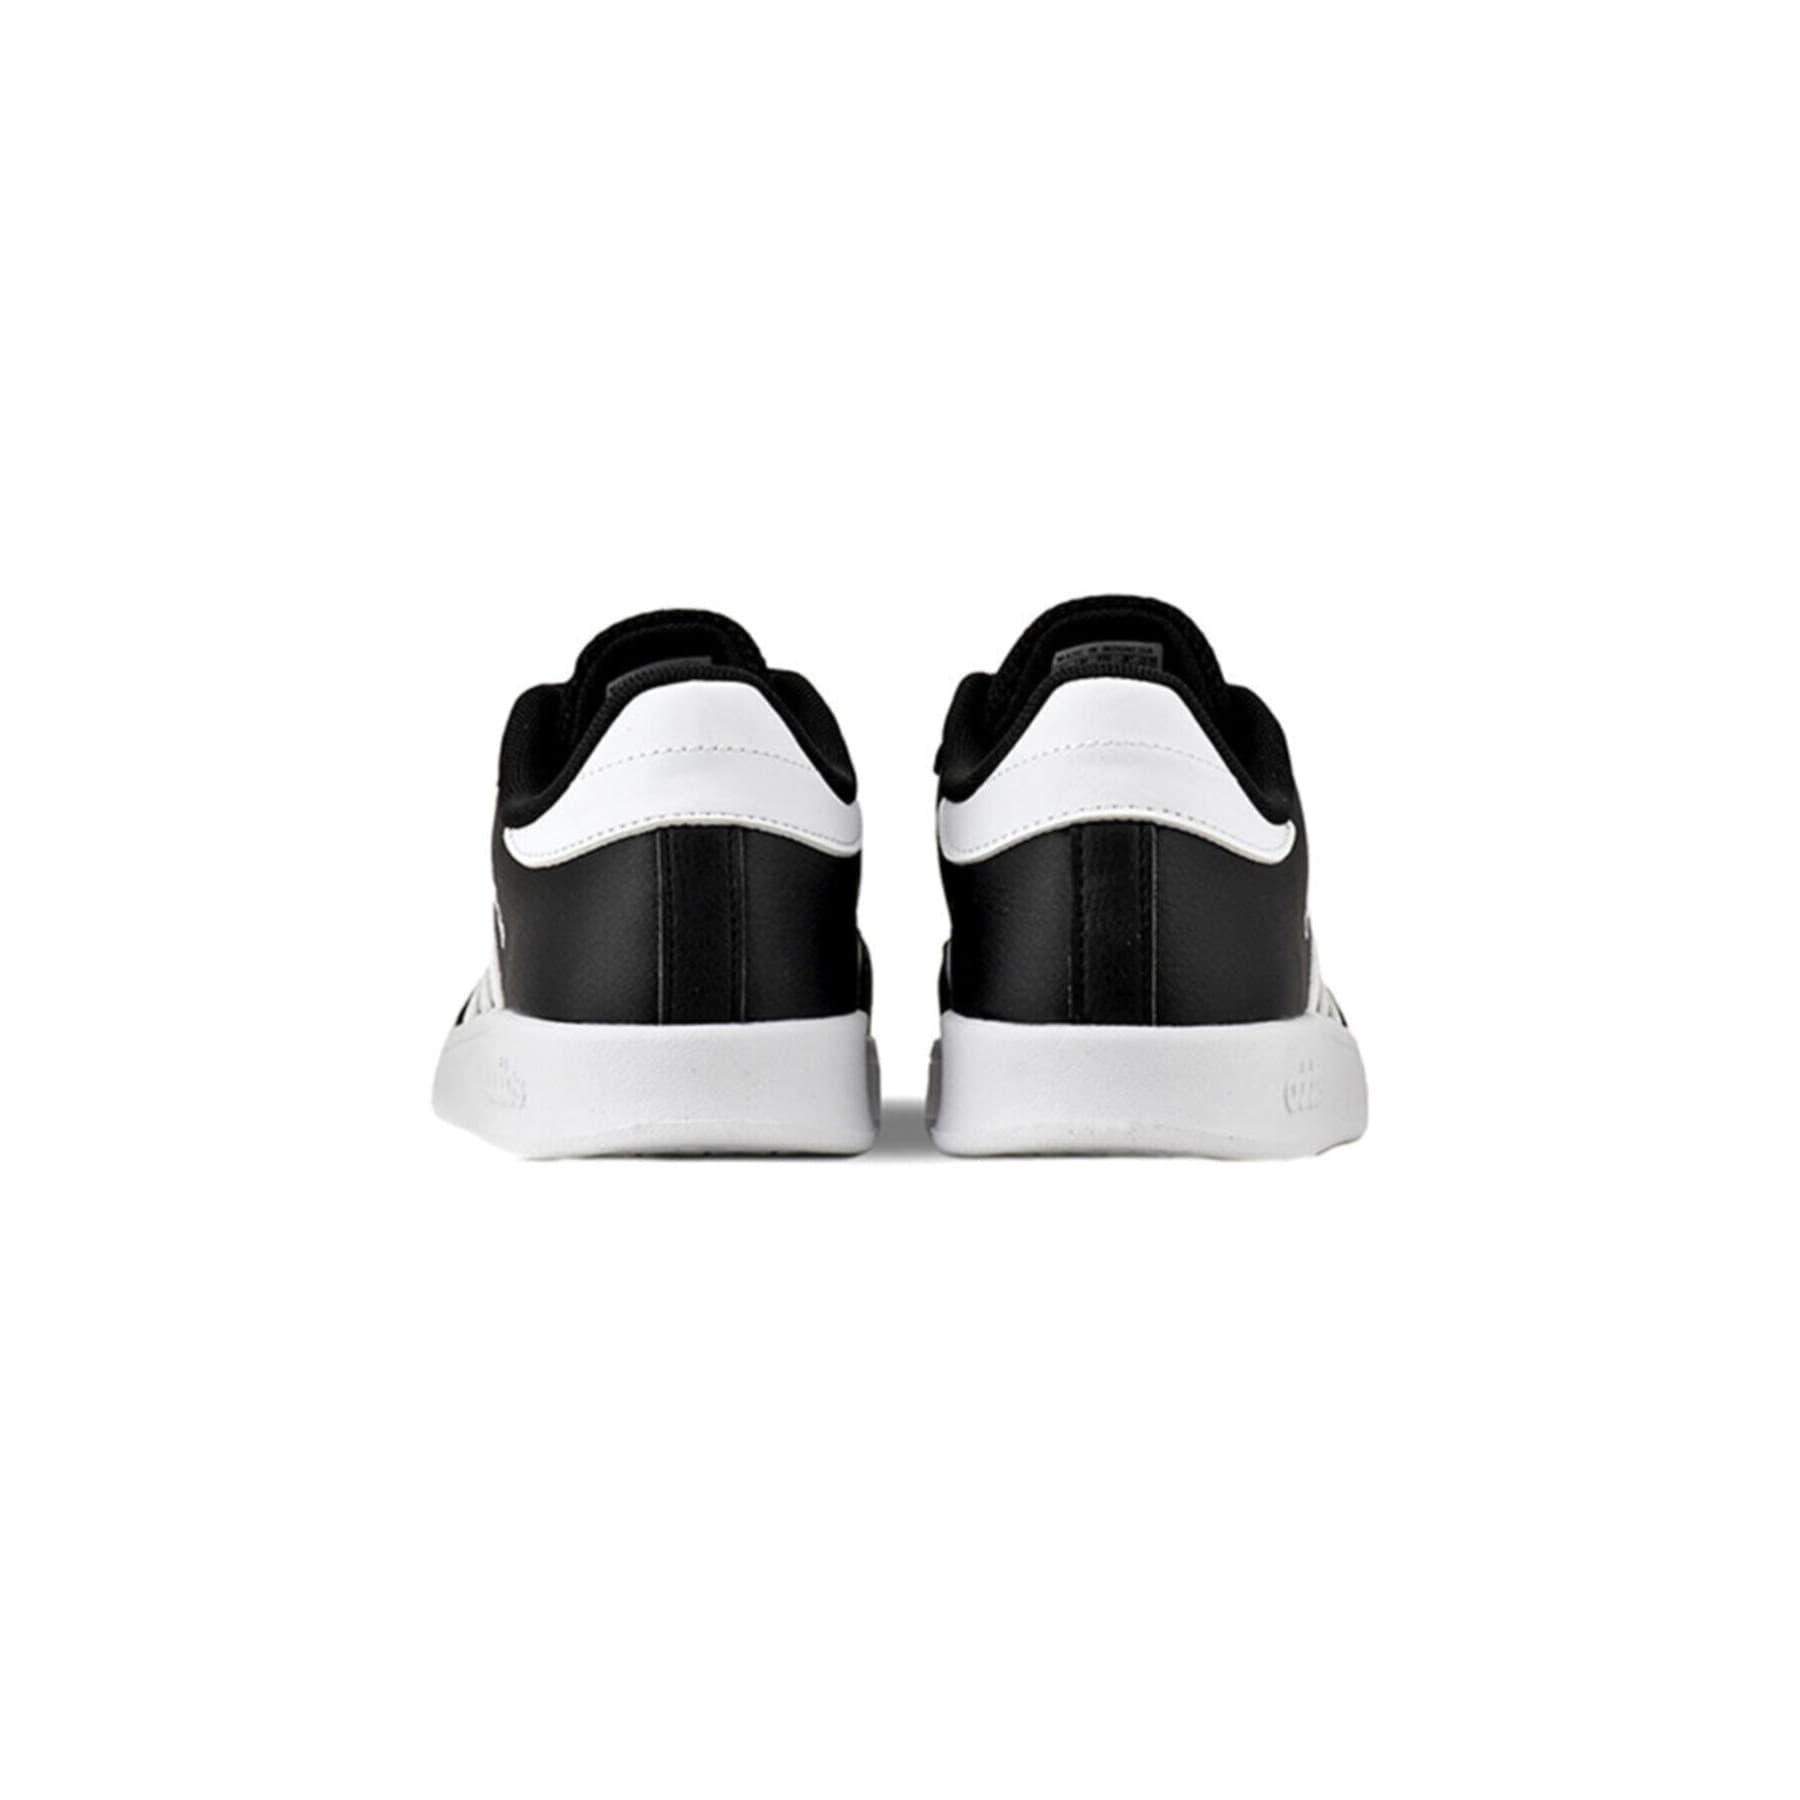 Breaknet Kadın Siyah Spor Ayakkabı (FY9507)